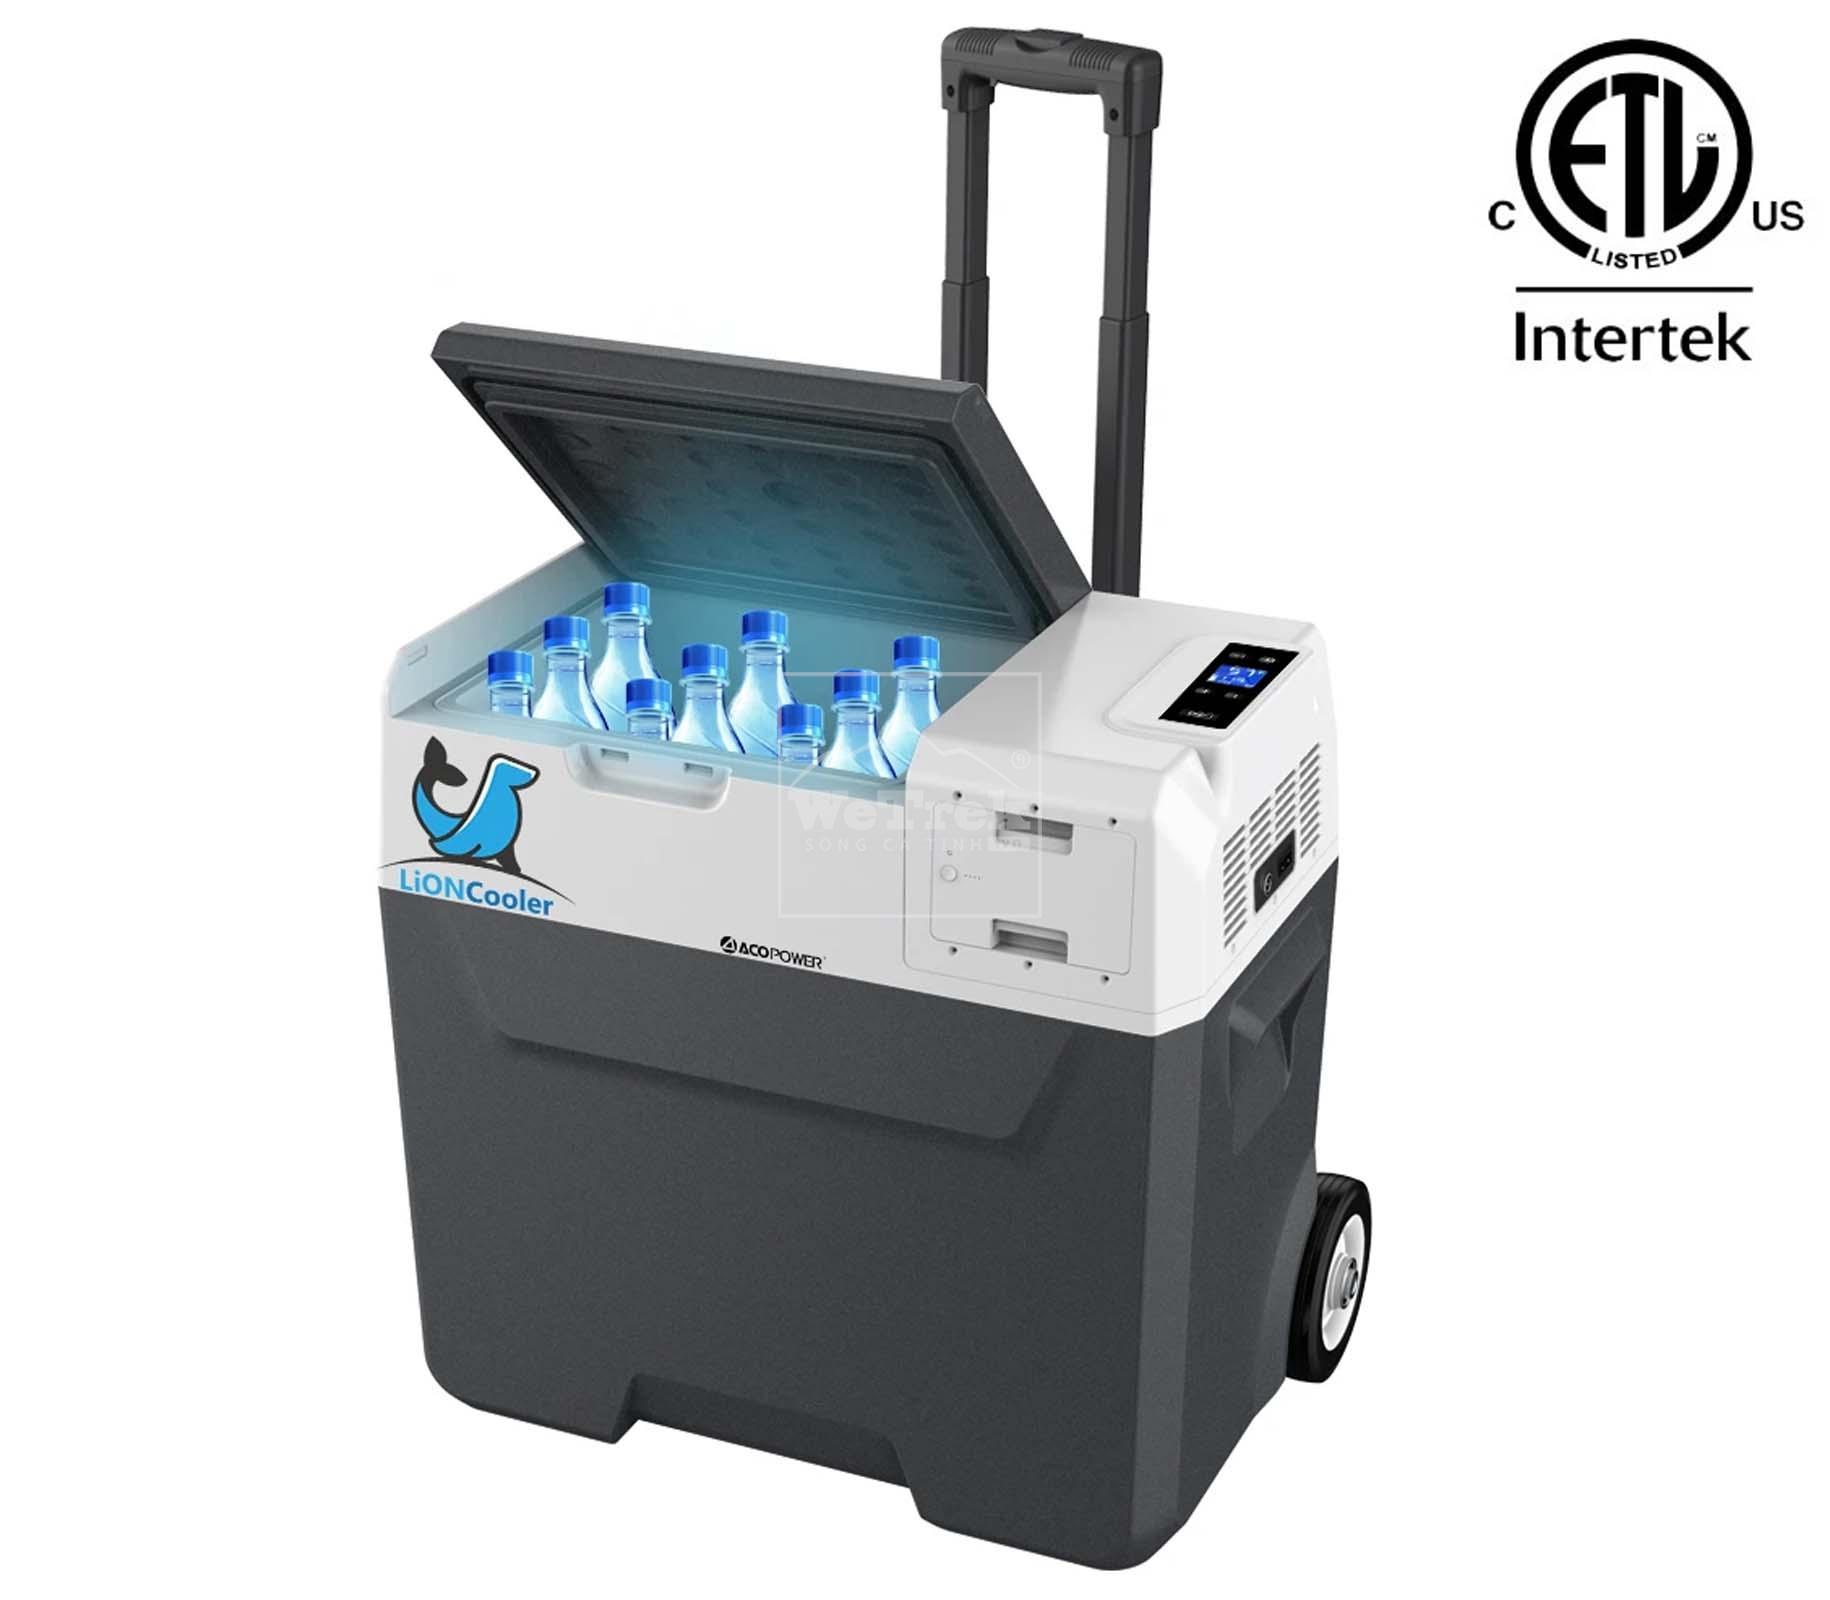 Tủ lạnh di động năng lượng mặt trời có tay xách ACOPOWER 50L LionCooler X50A Portable Solar Fridge Freezer - 9393